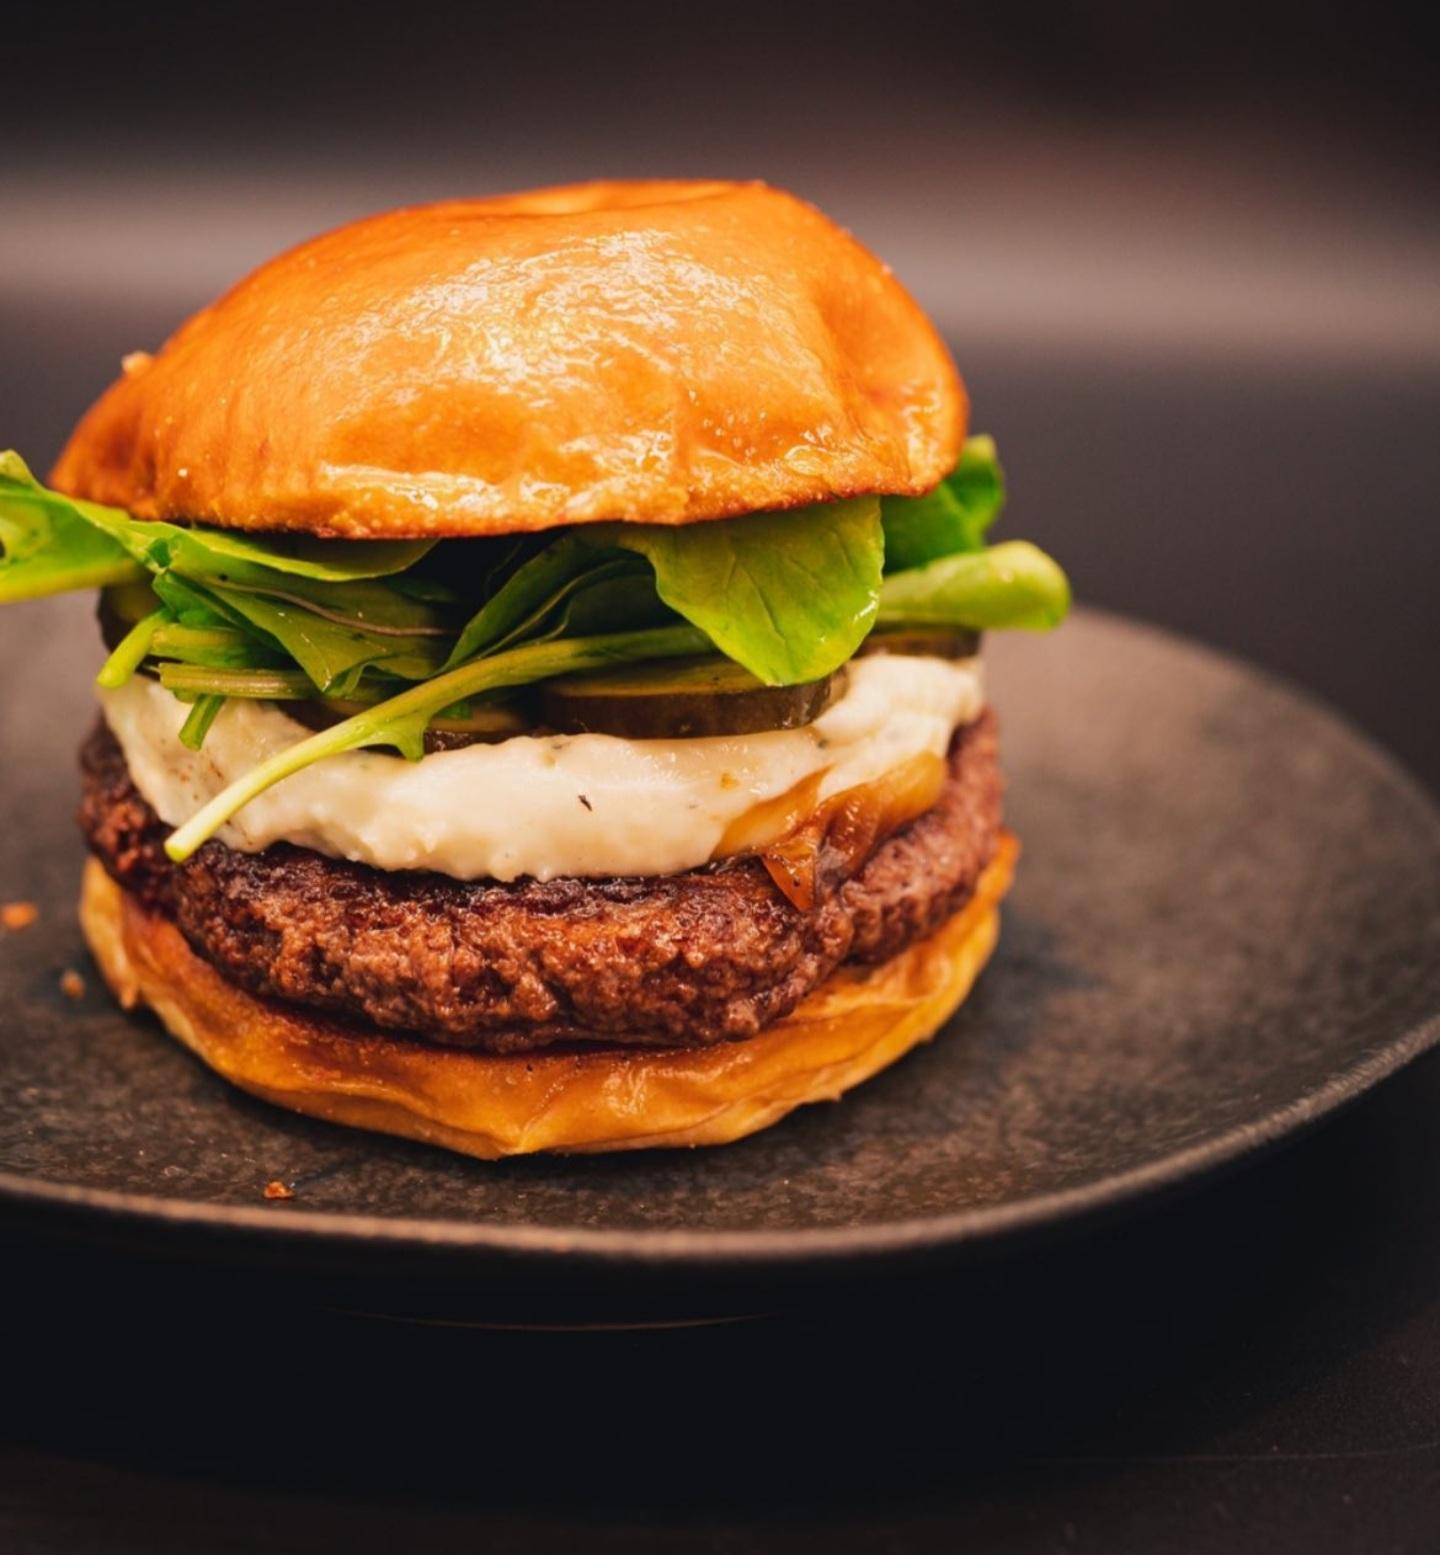 Imagem mostra hambúrguer em prato